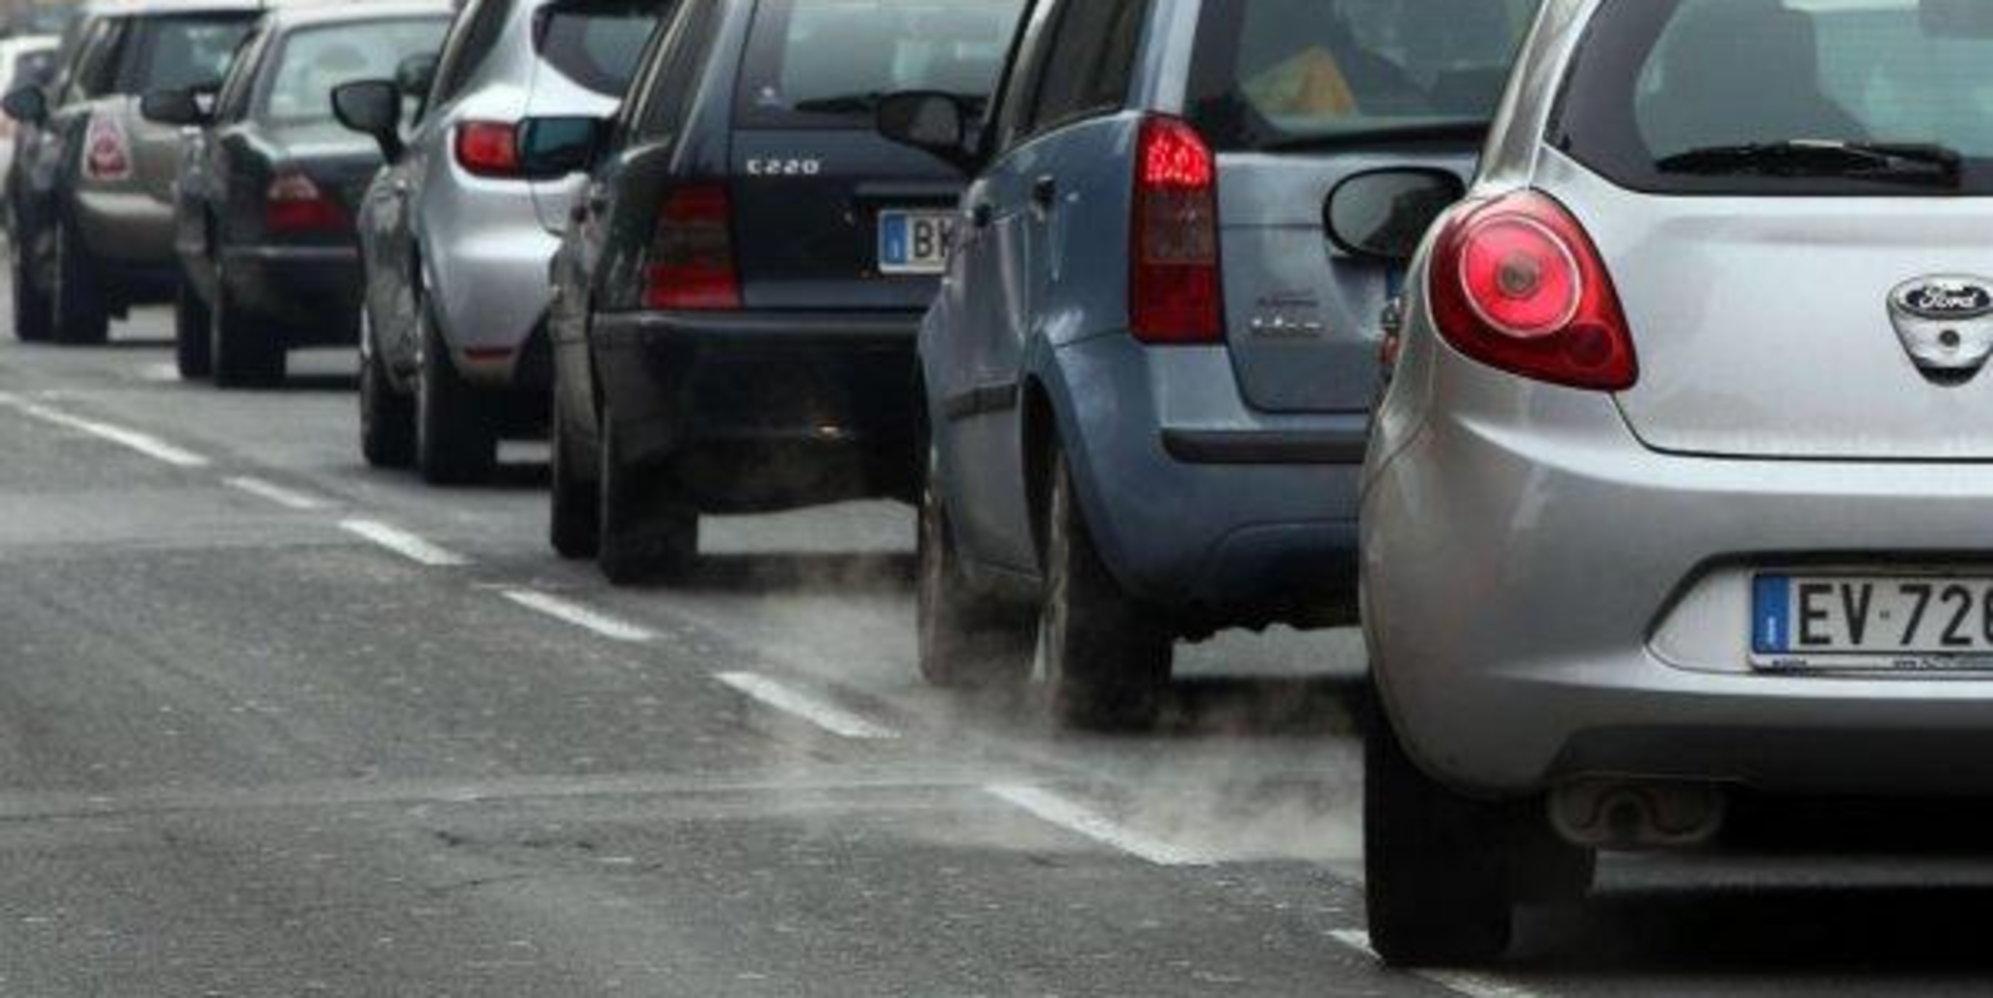 Inquinamento, Legambiente: l'85% delle città italiane è sotto la sufficienza per la qualità dell'aria